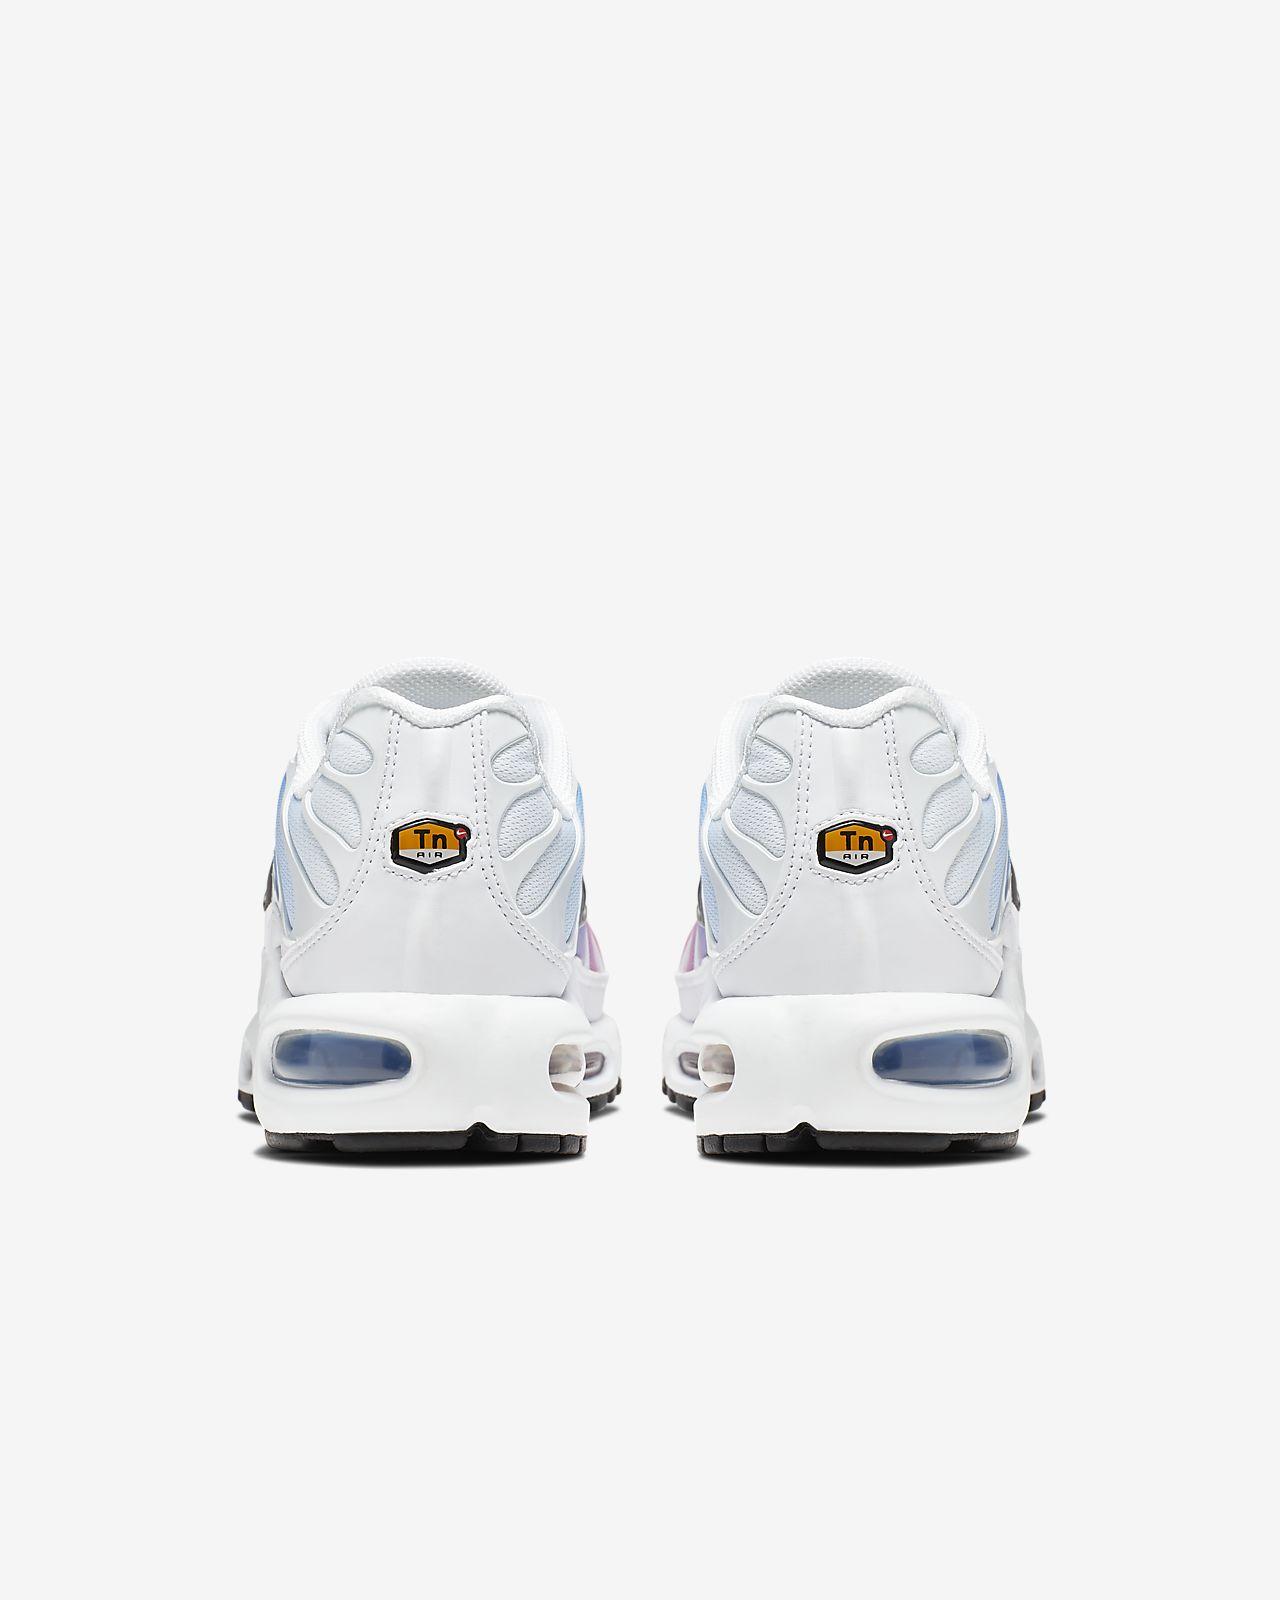 Nike Women's Air Max Plus 605112 115 | BSTN Store